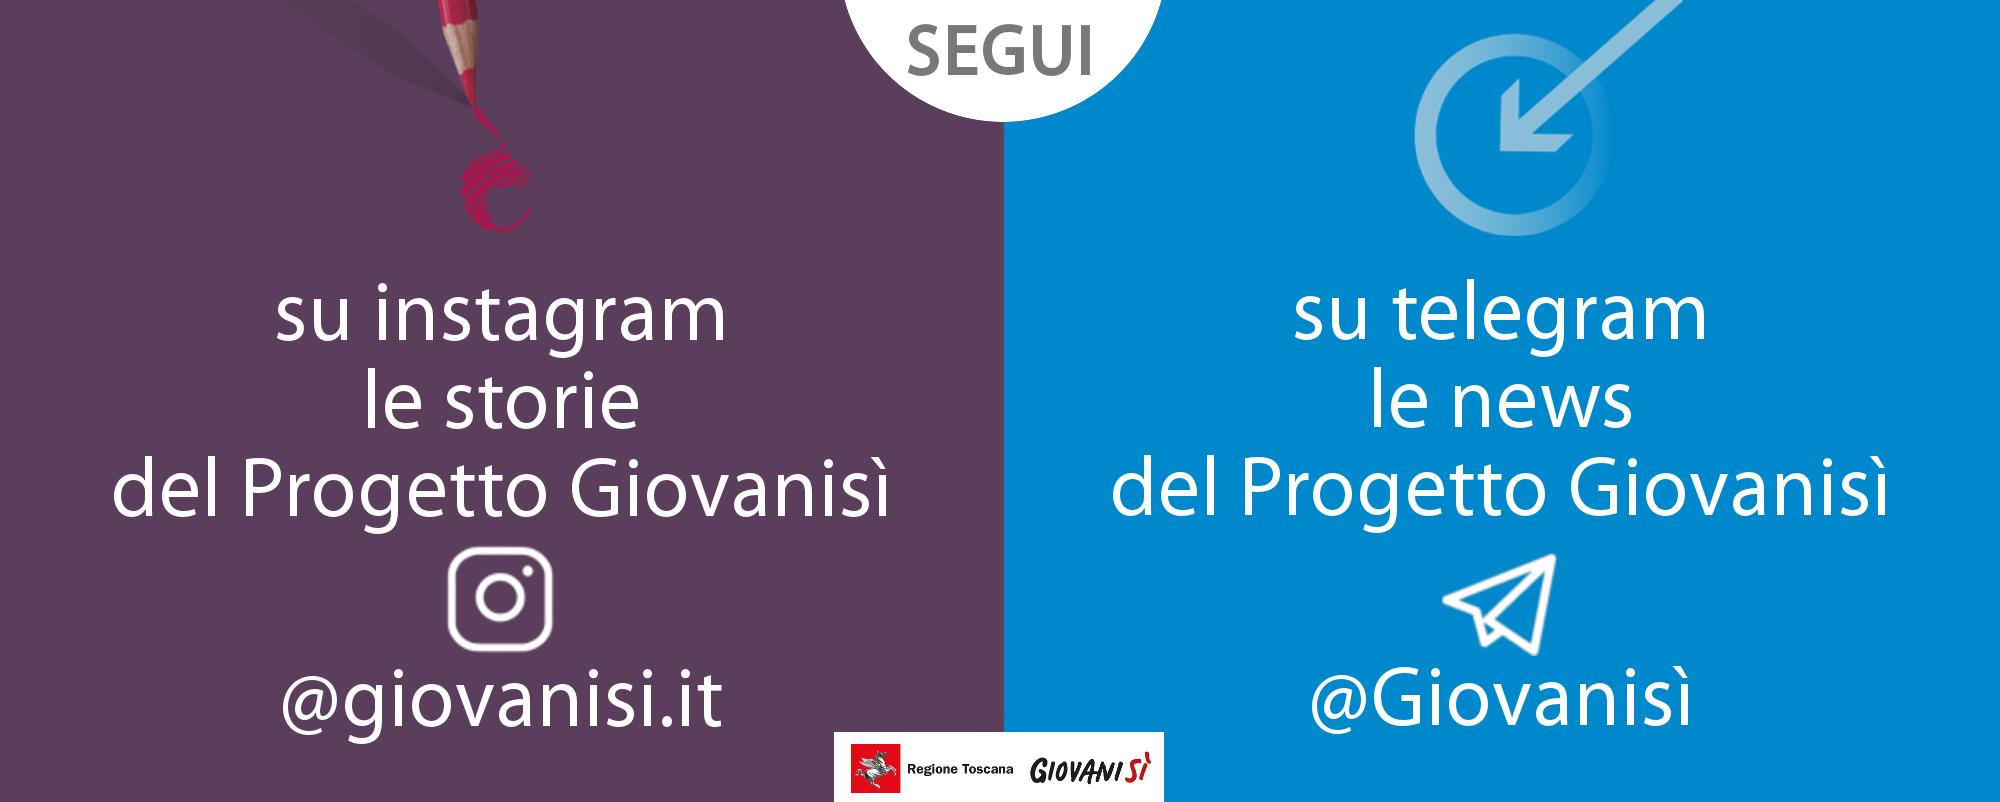 Giovanisì social: segui il progetto anche su Instagram e Telegram